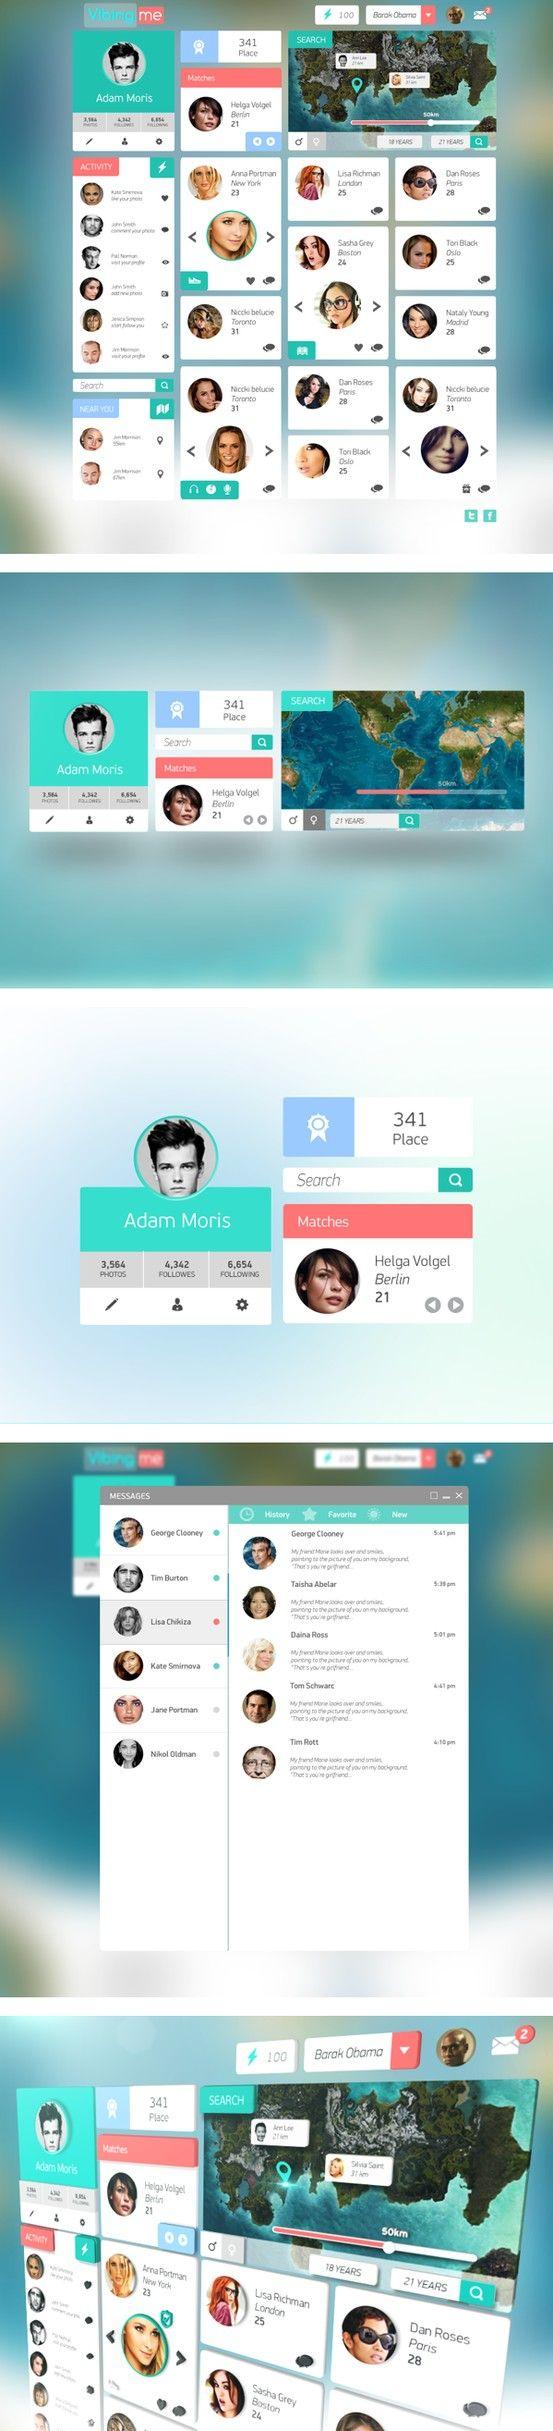 Dating platform concept by start uper, via Behance *** #web #ui #ux #behance #flatui